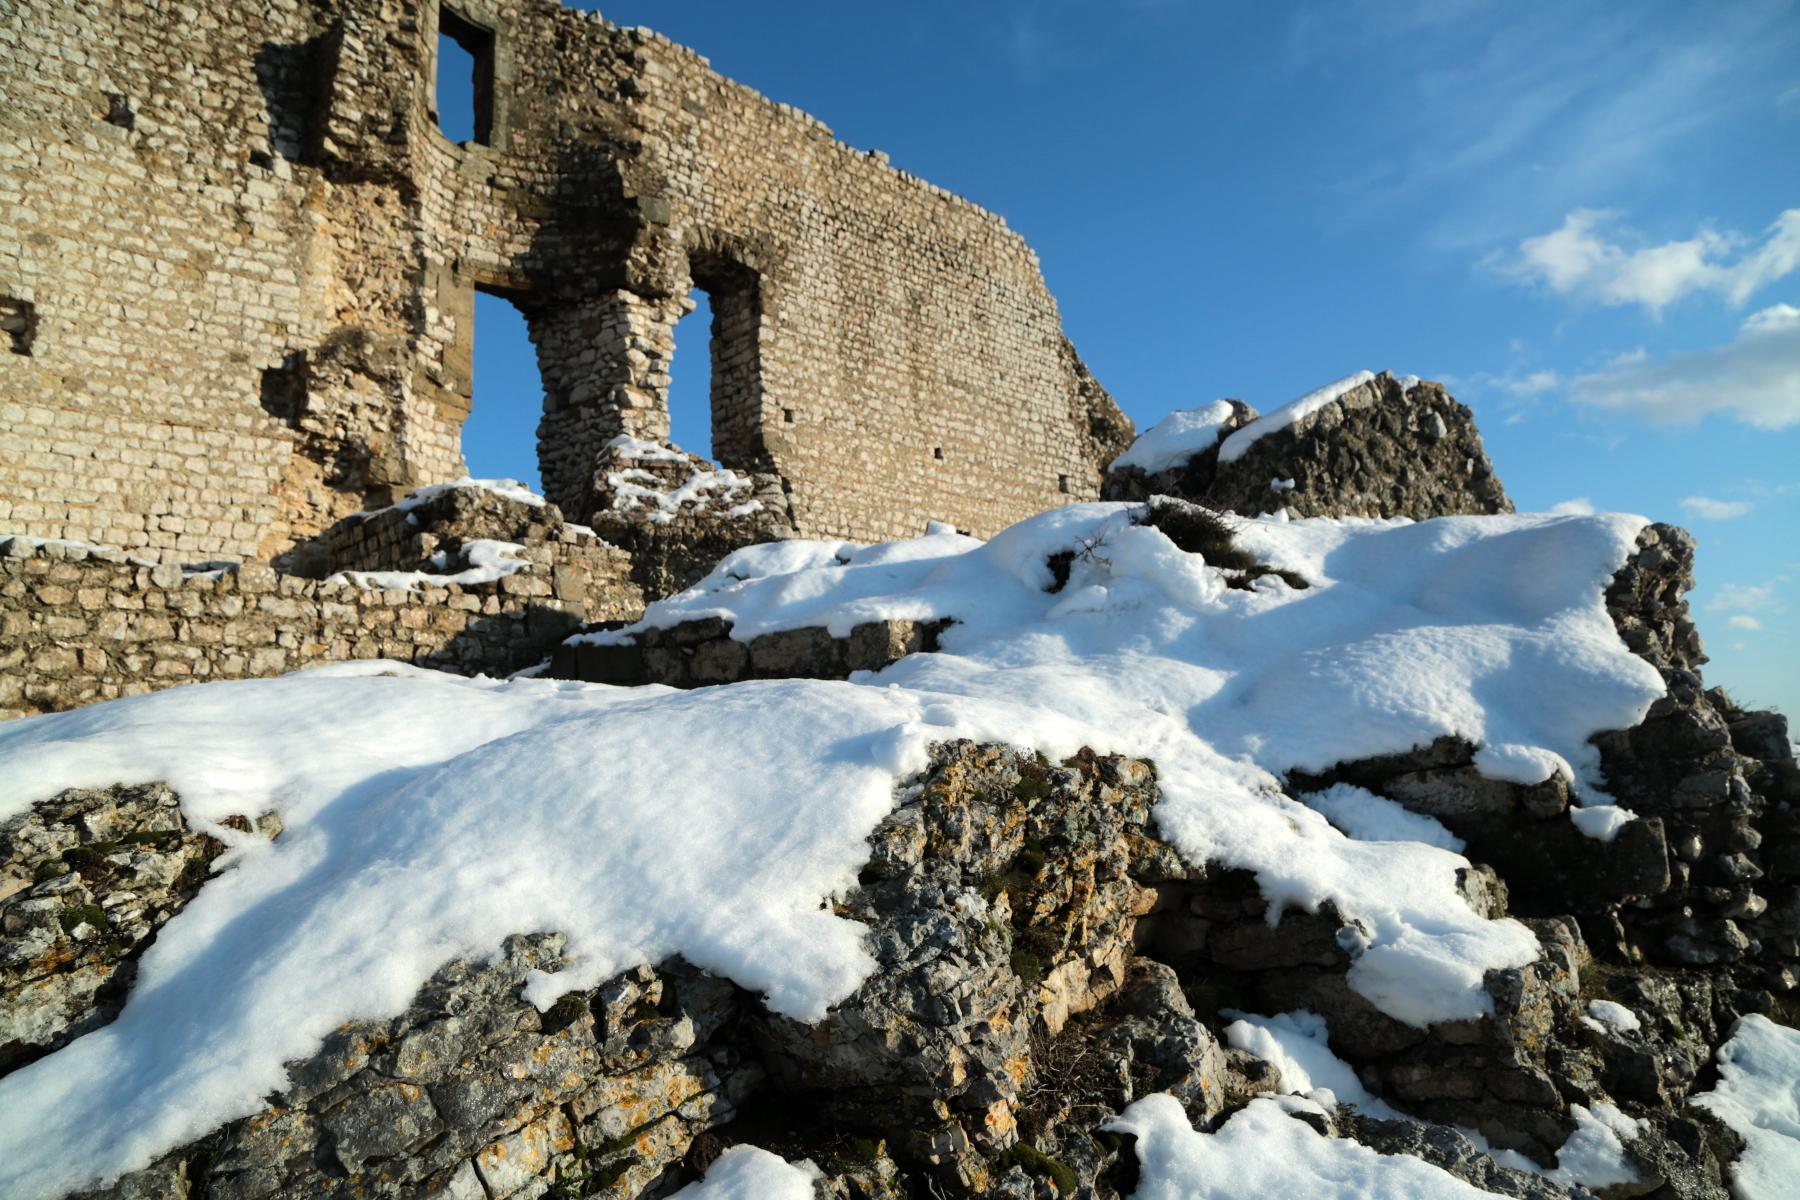 Crussol sous la neige